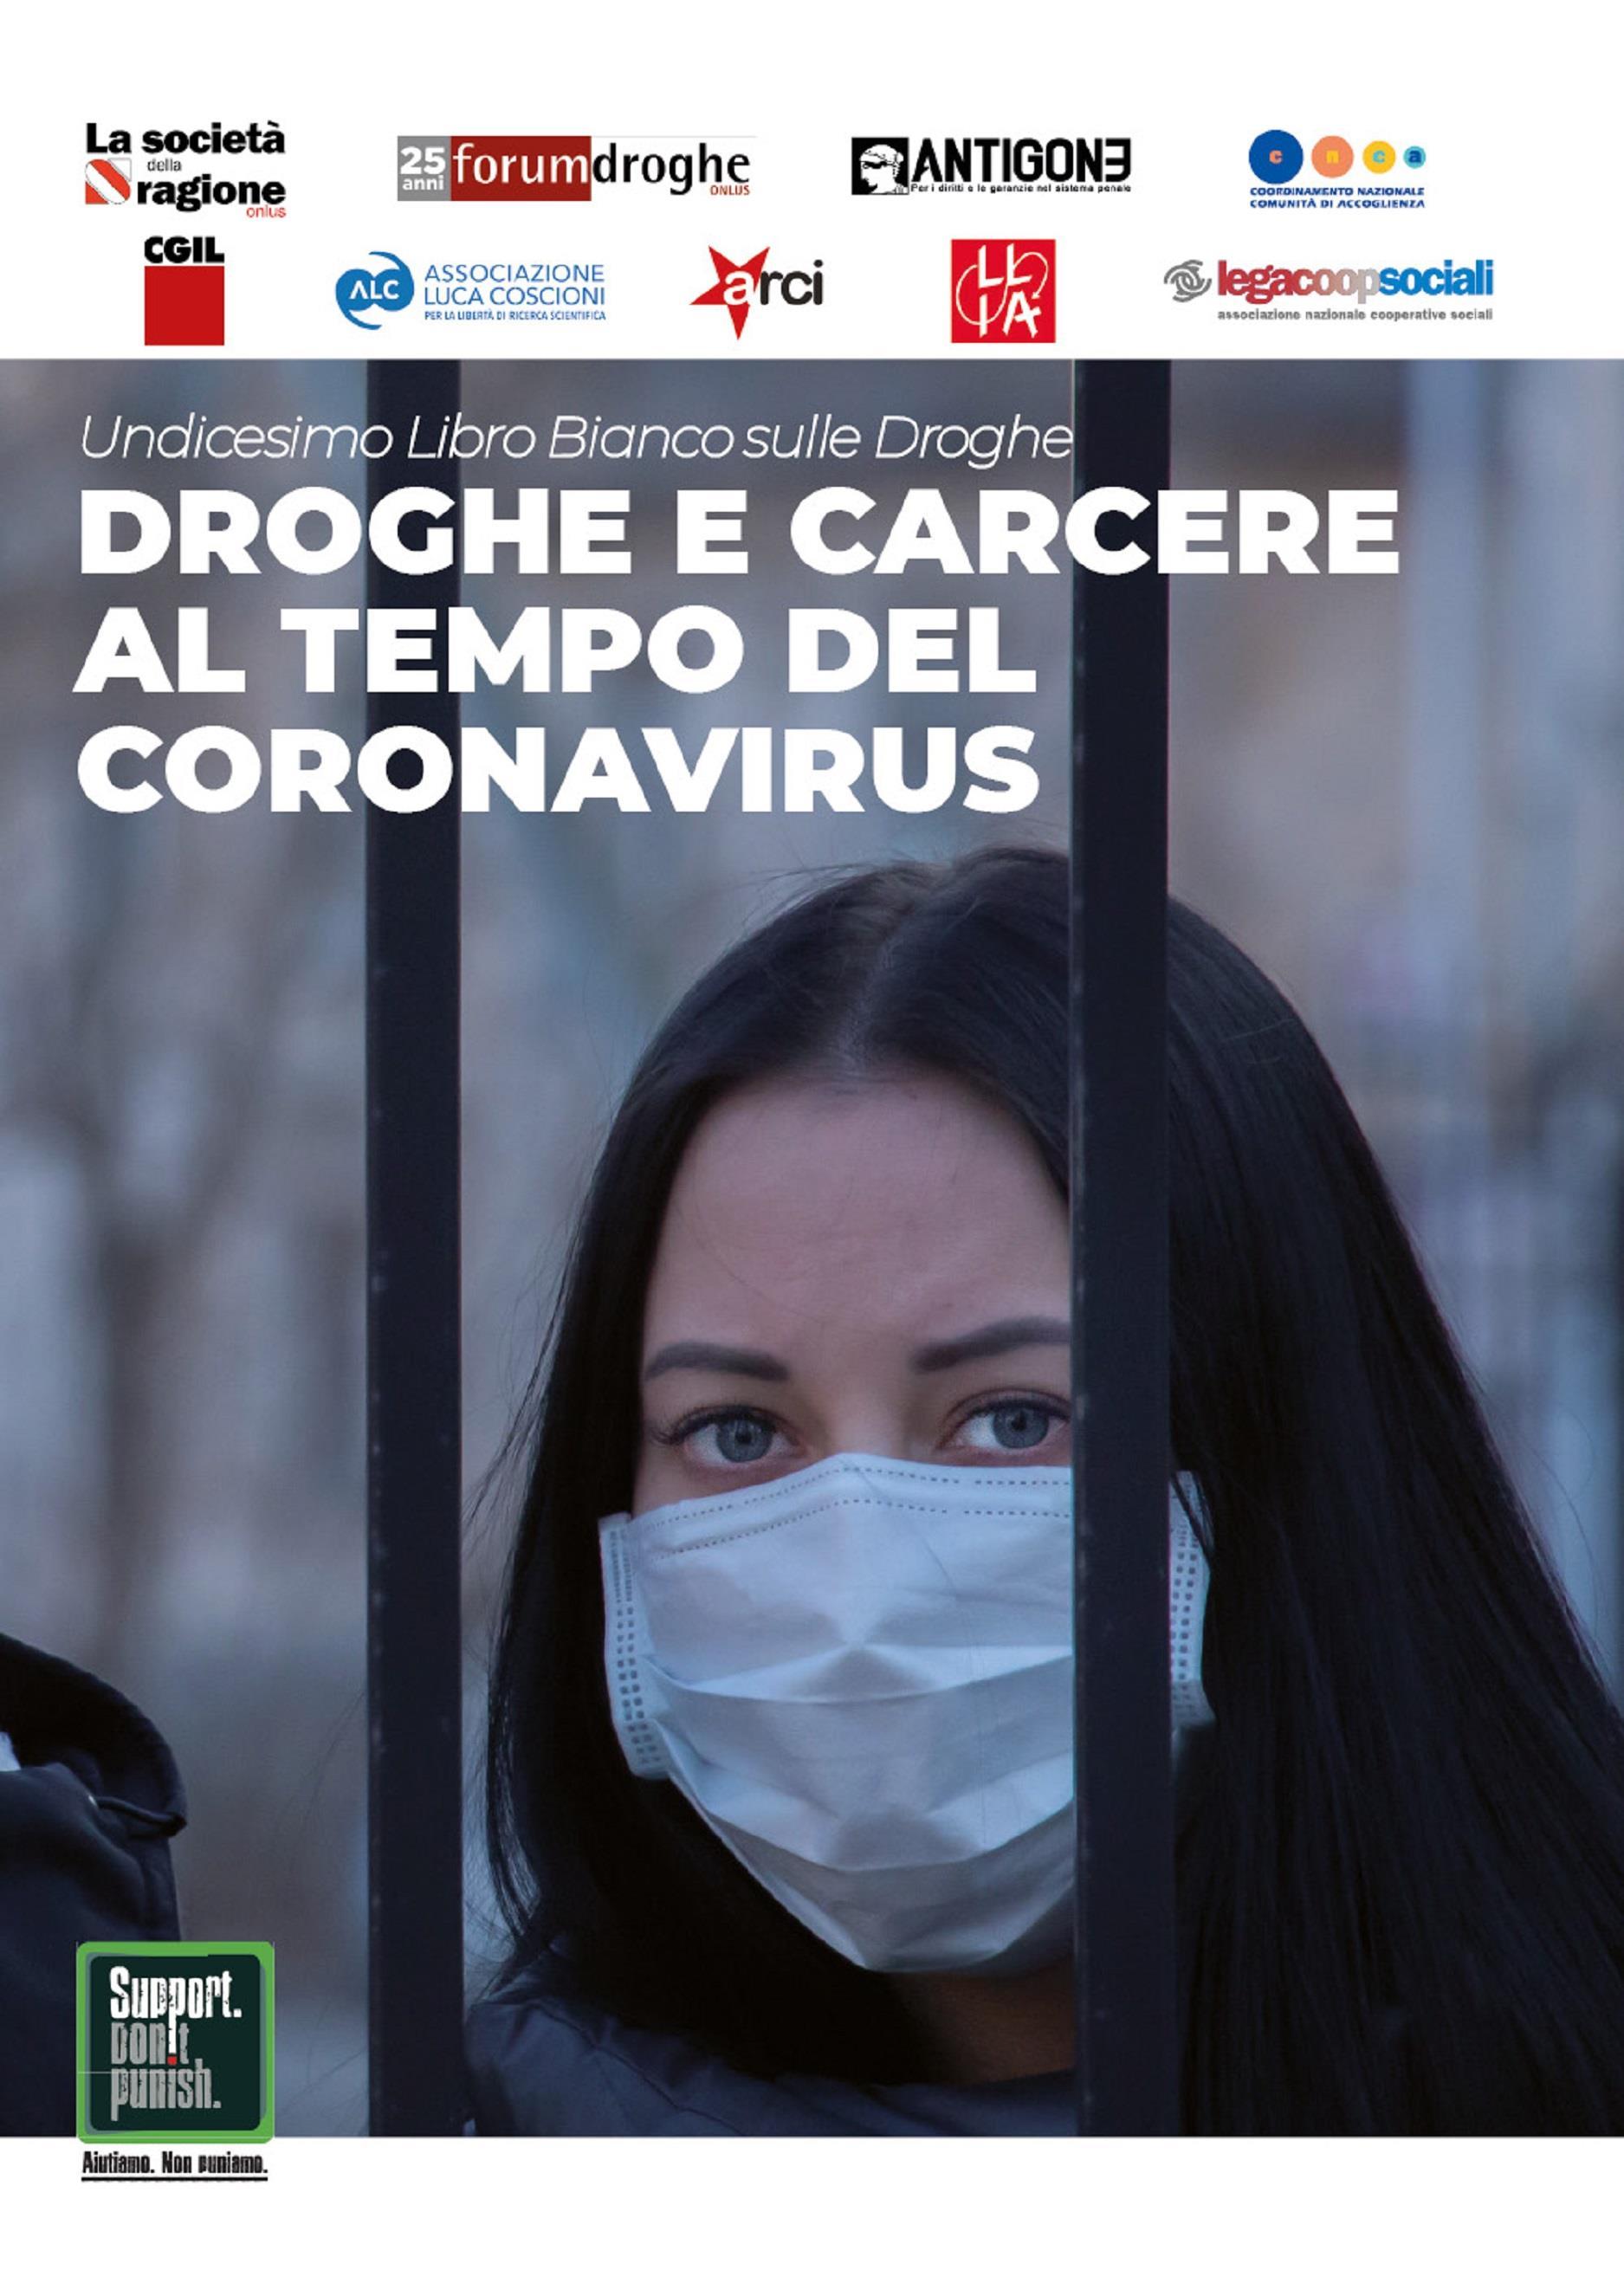 Droghe e carcere al tempo del Coronavirus - Undicesimo Libro Bianco sulle Droghe